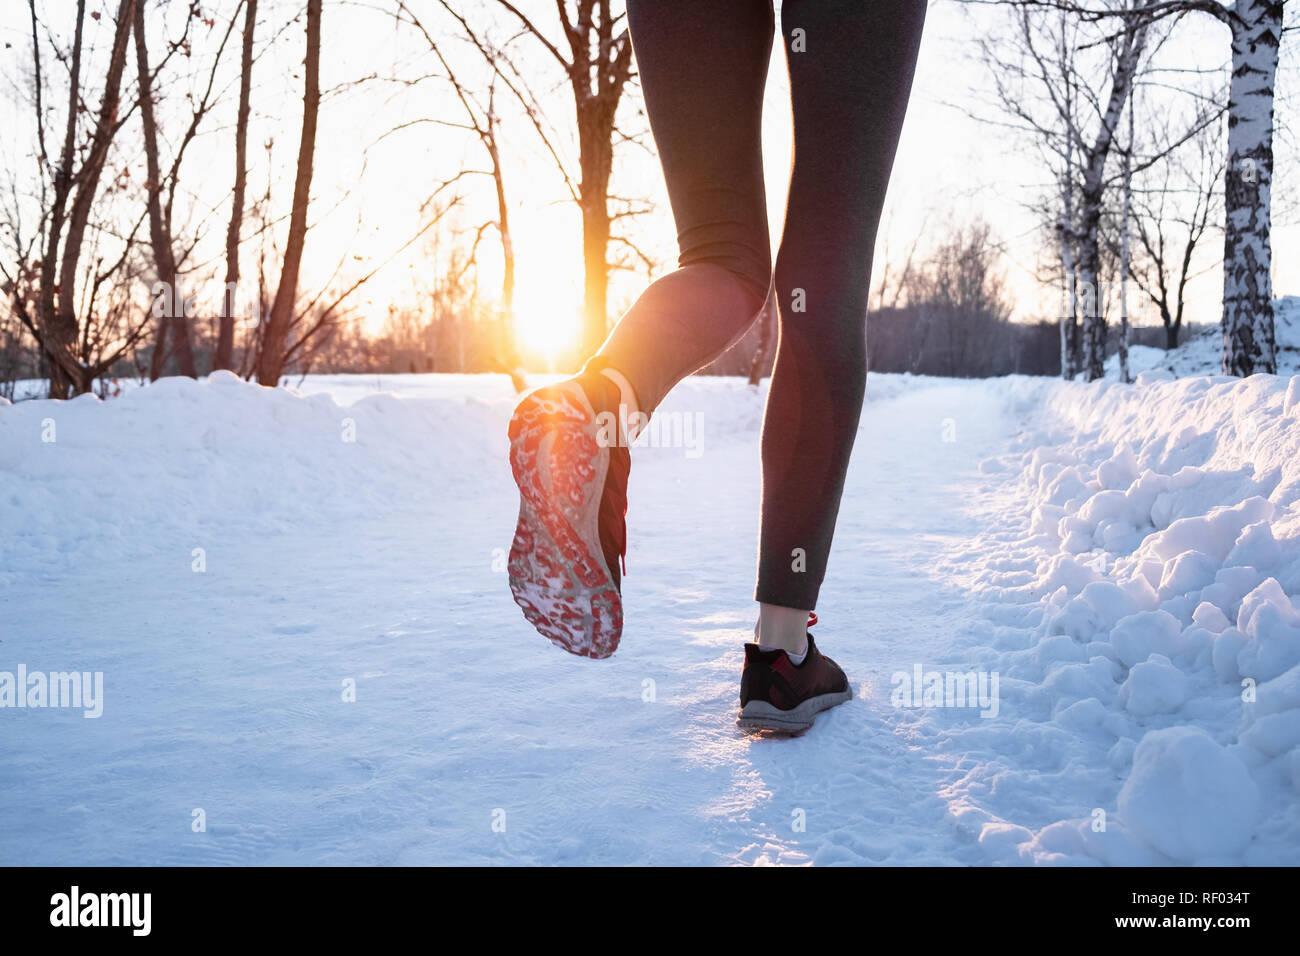 Il jogging all'aperto in inverno concetto. Le gambe di una persona di sesso femminile che corre lungo la strada innevata sulla bella giornata fredda, sparato contro il sole con lens flare Foto Stock